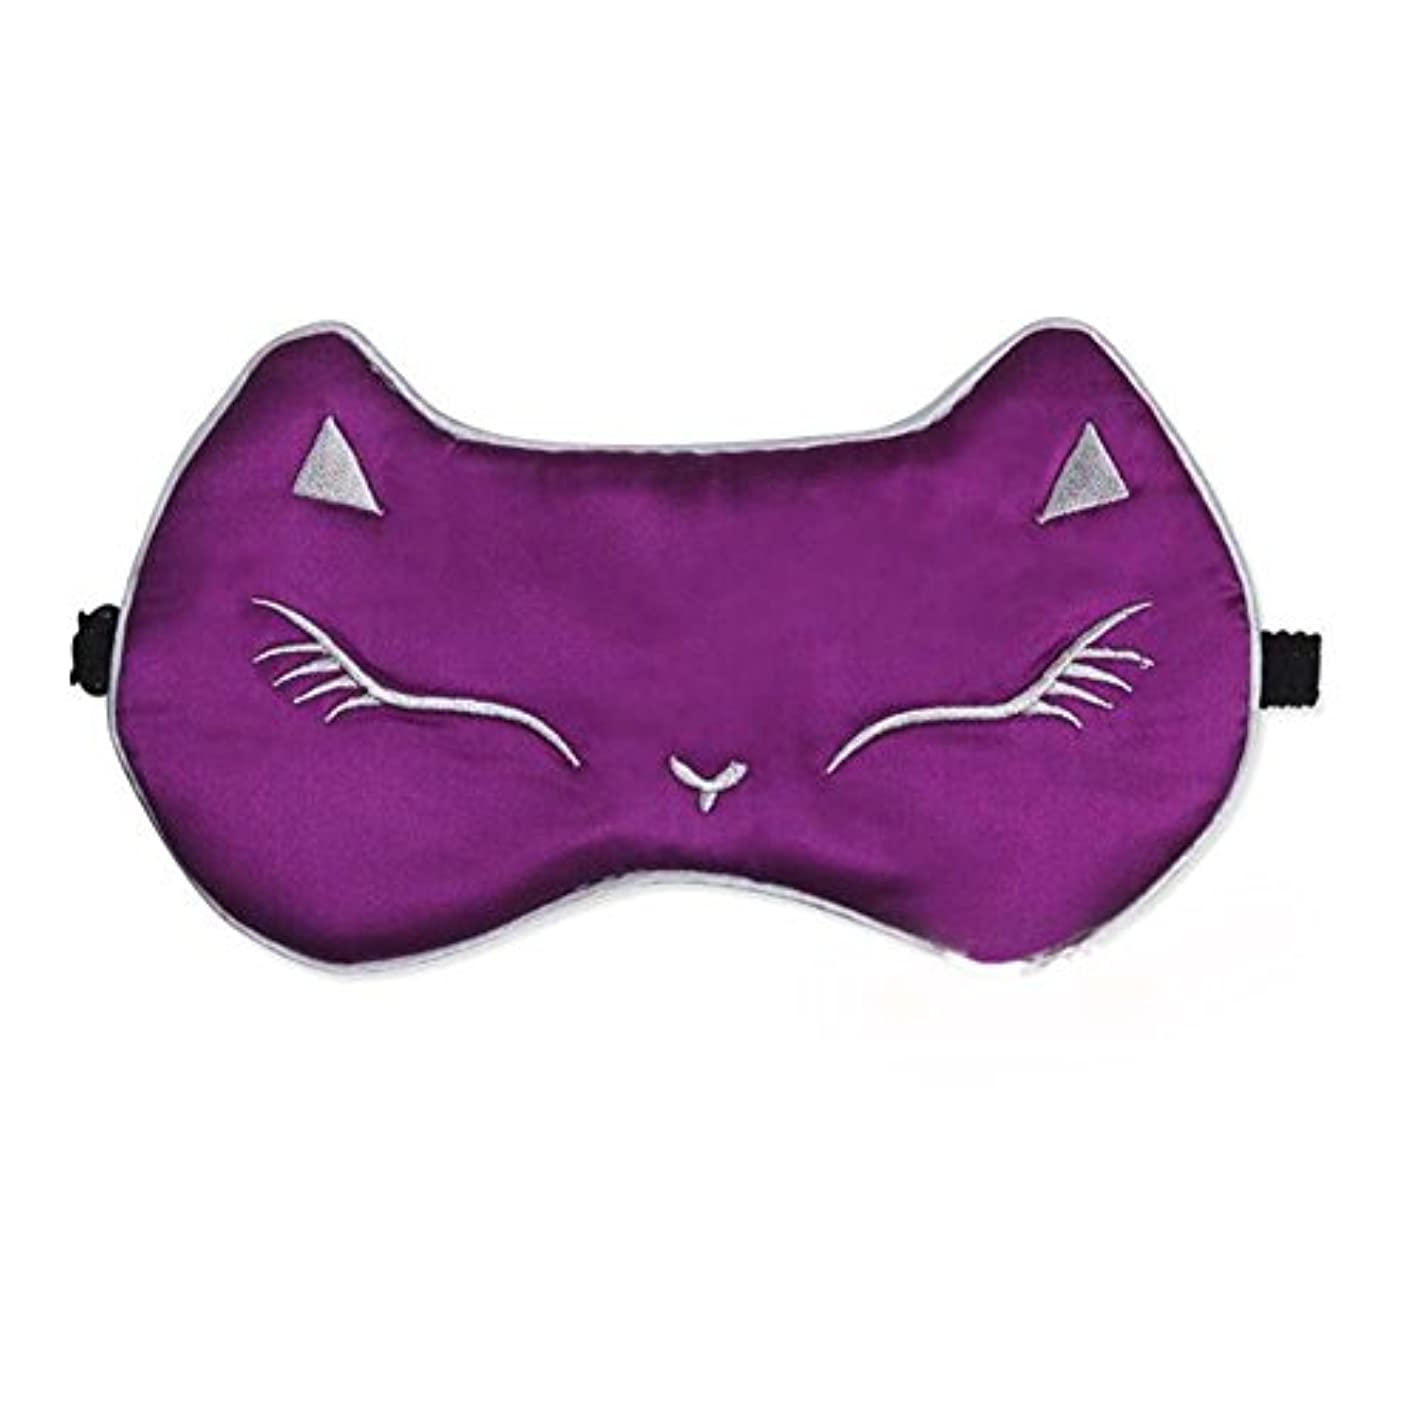 導出調停者確認かわいいフォックスデザインのソフトシルクスリープアイマスクカバーパープル